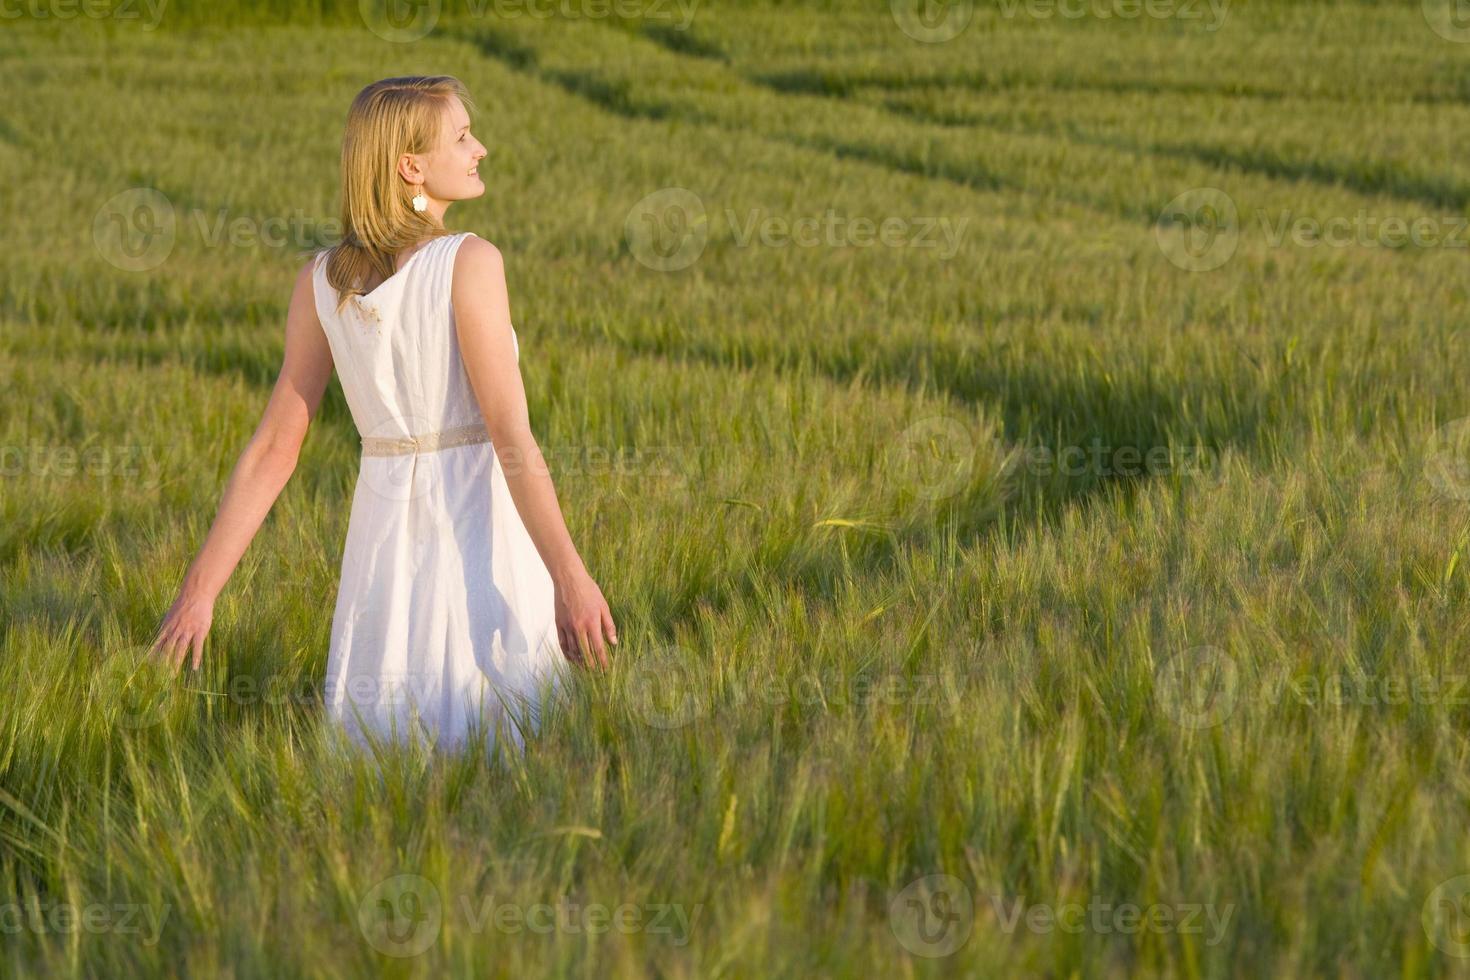 Adolescente caminando por el campo de cebada foto